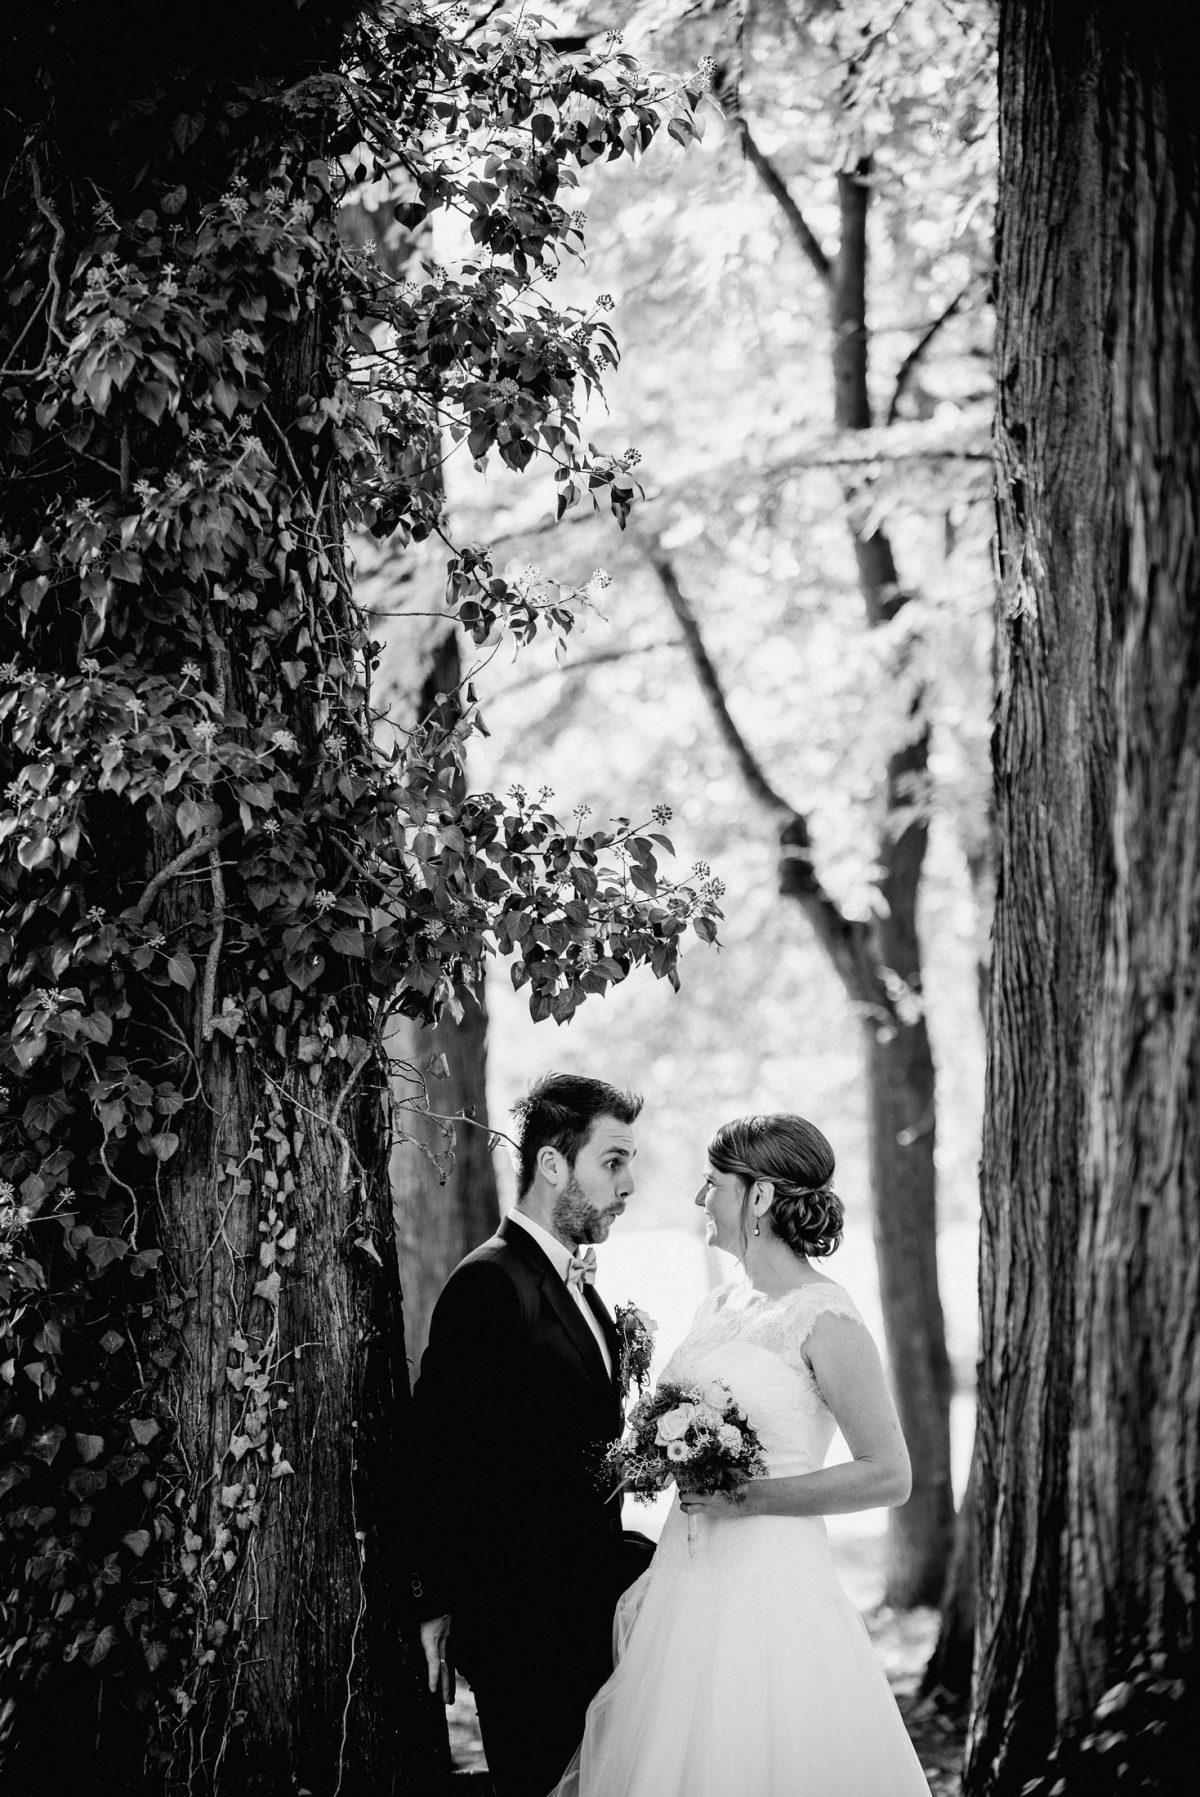 Spaß Grimasse lachen Bäume Park Blätter schwarz weiß Brautpaar